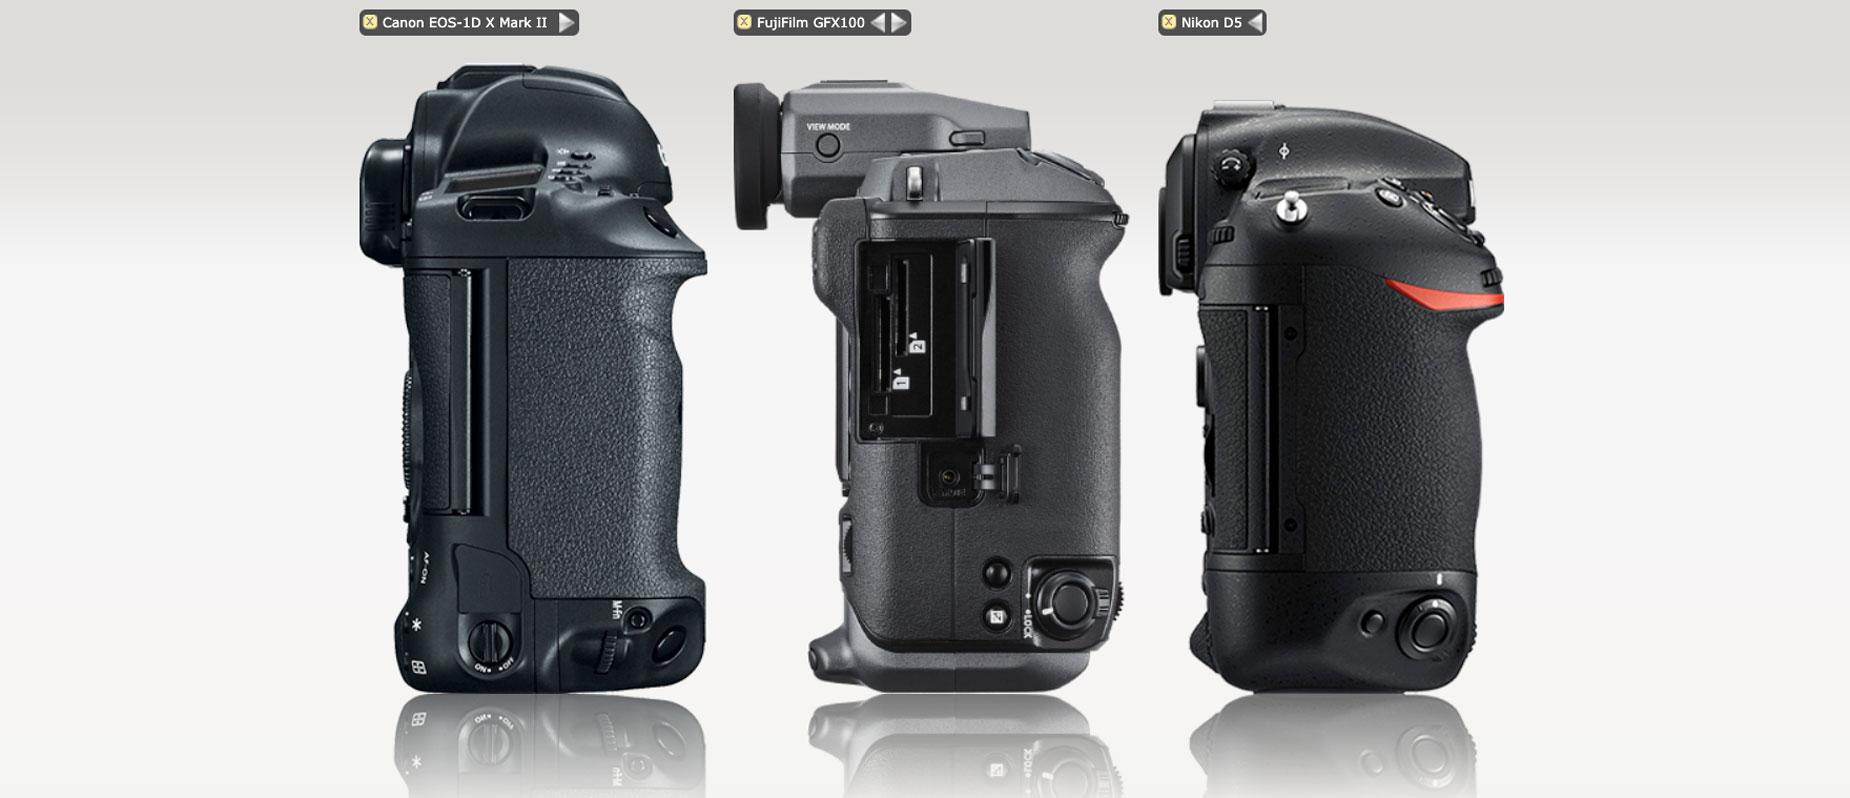 1DX-GFX100-D5-phai.jpg